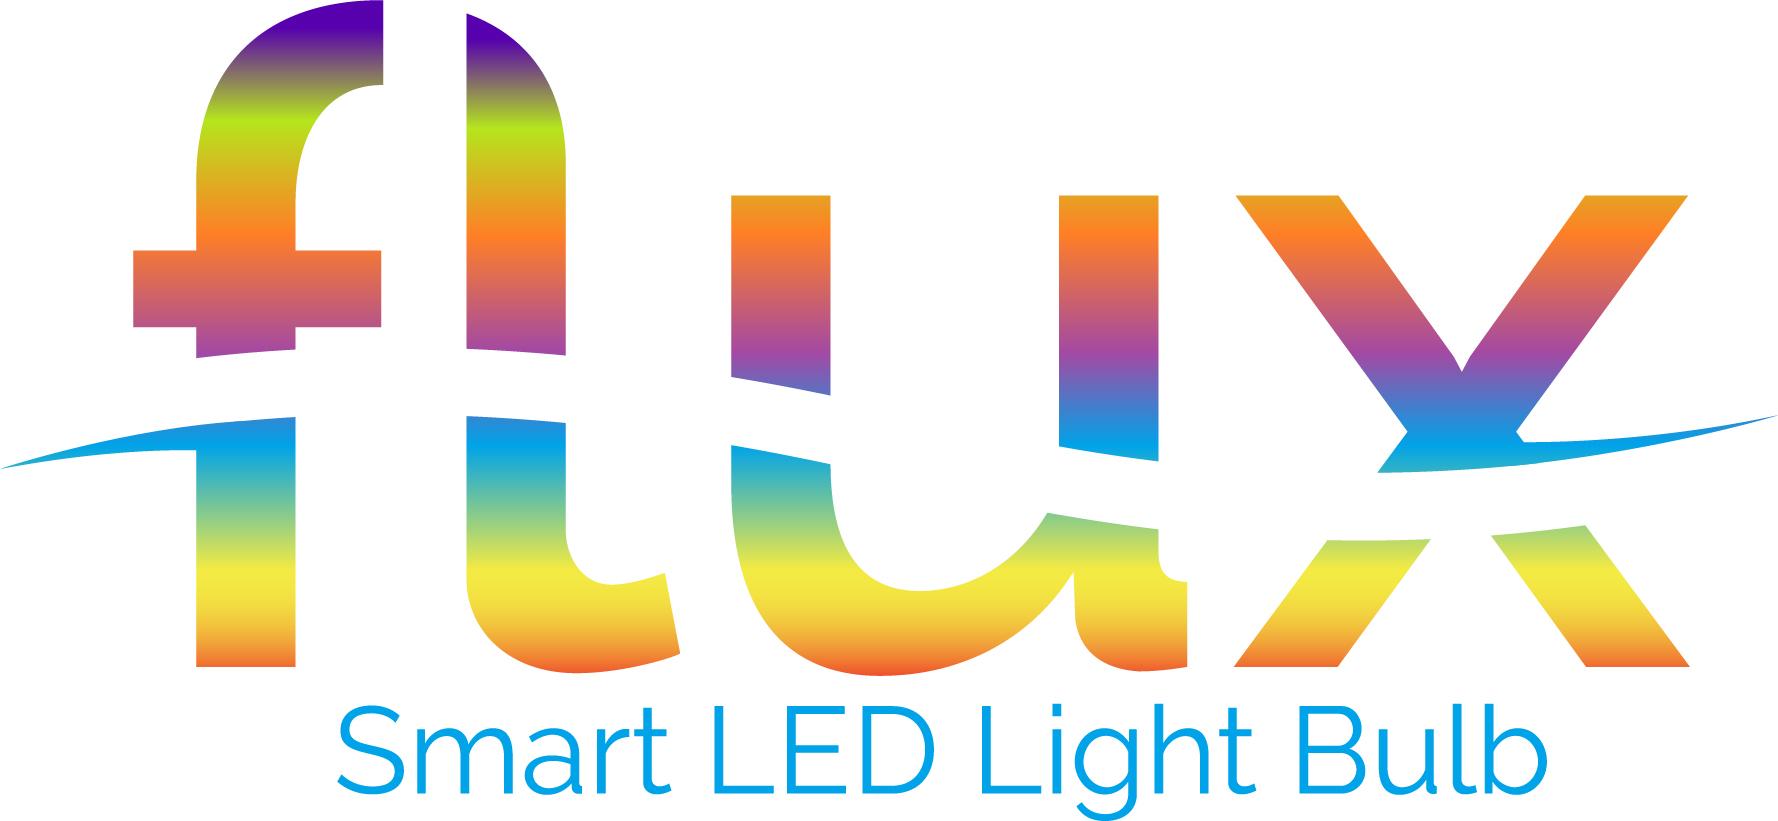 Flux Smart LED Light Bulb